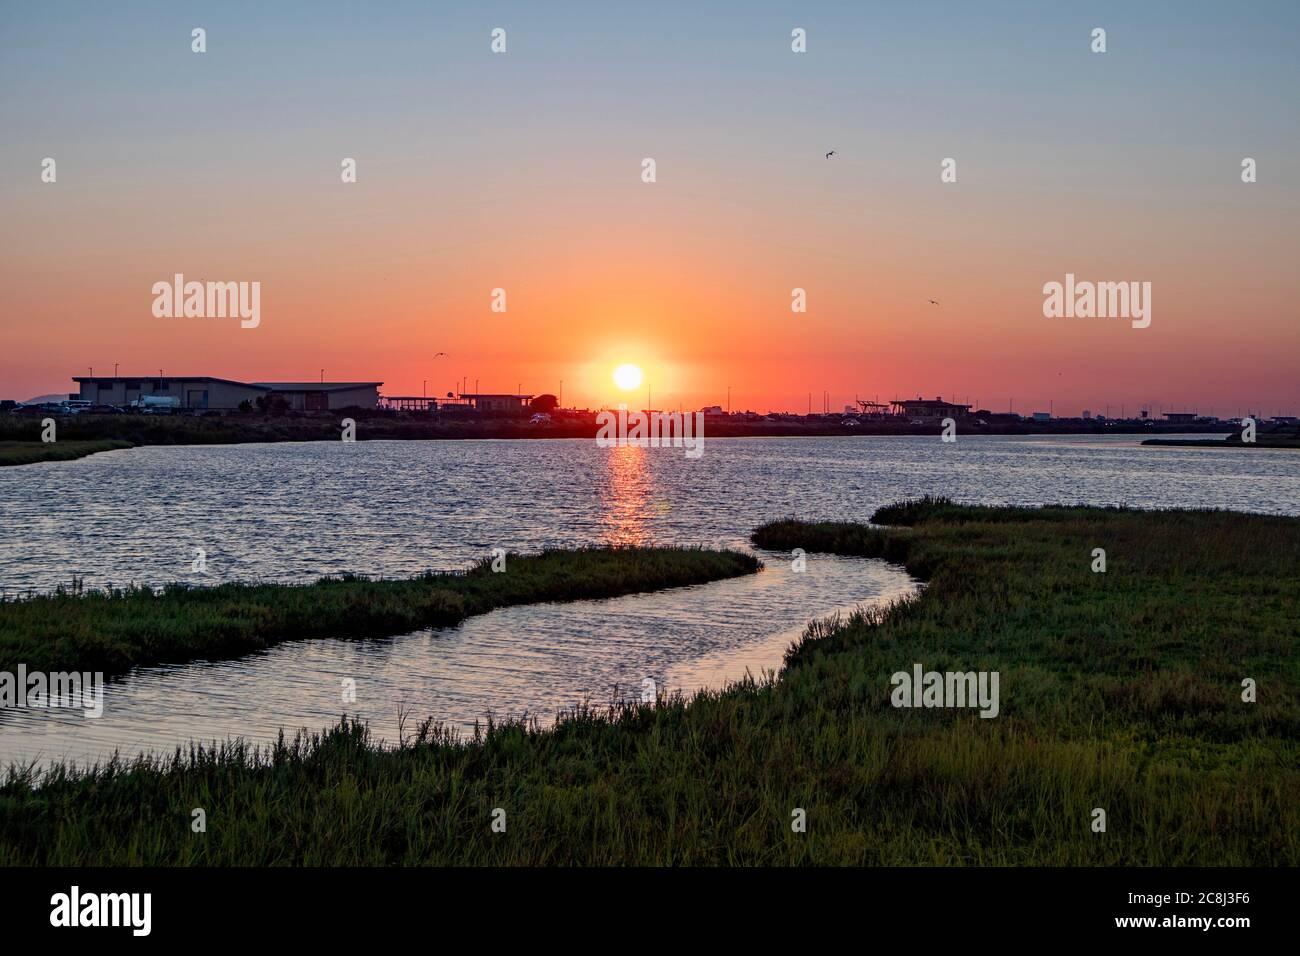 Puesta de sol sobre humedales y pantanos tomados en Bolsa Chica Wetland y Reserva Ecológica en Huntington Beach, California, EE.UU Foto de stock